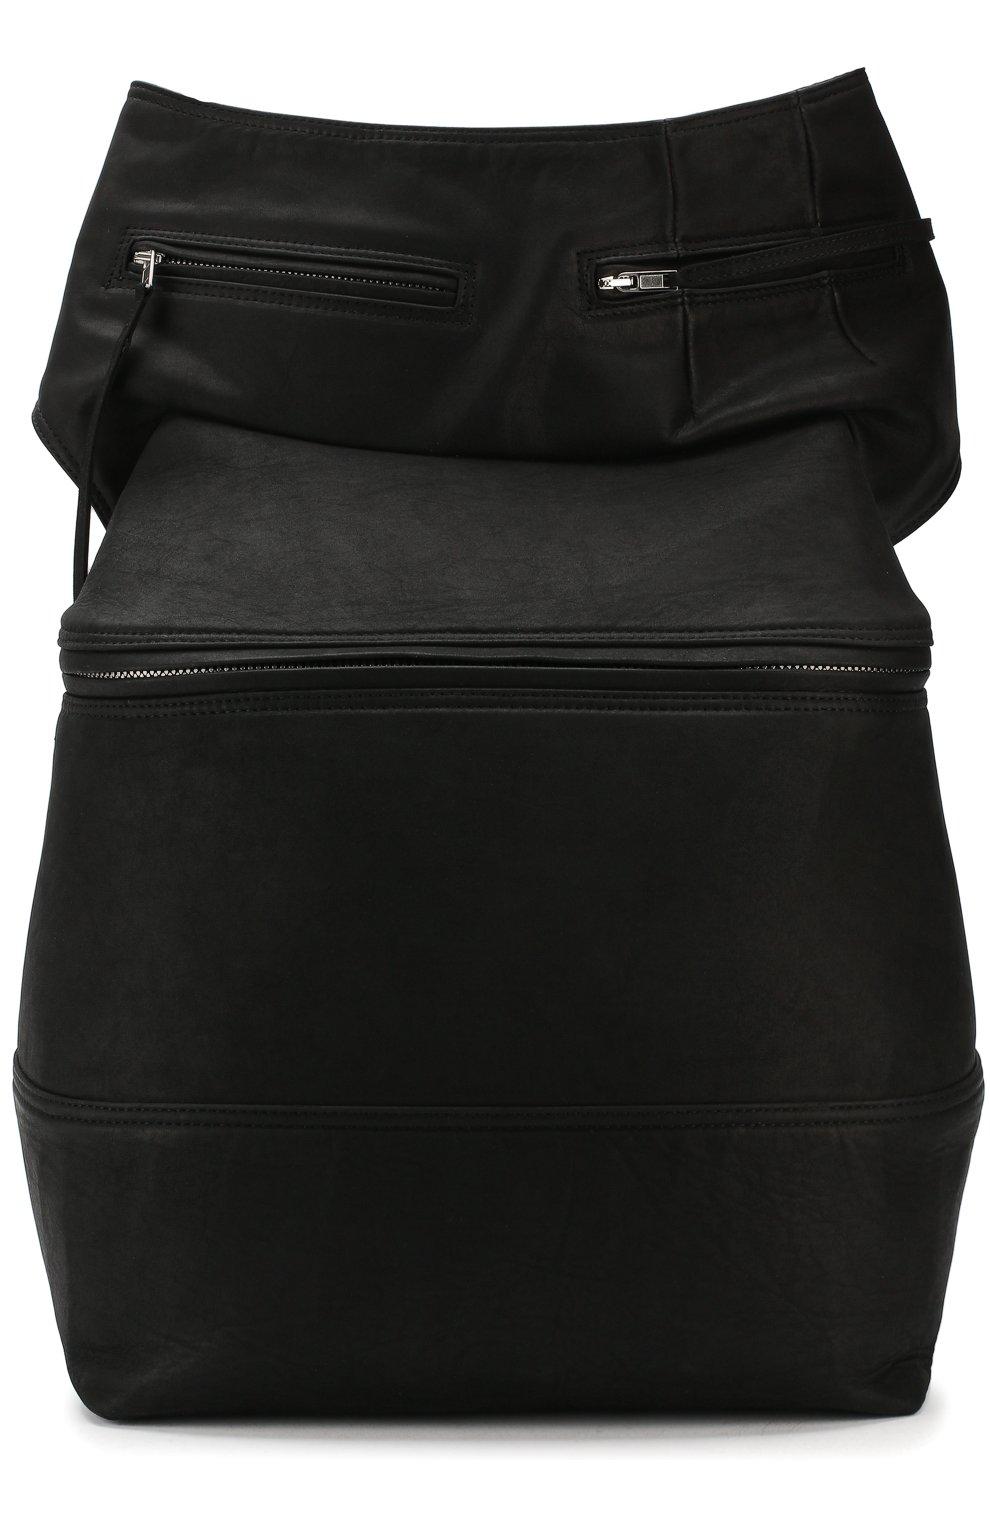 73b1c6196ee5 Мужская черная кожаная поясная сумка RICK OWENS — купить за 126000 ...